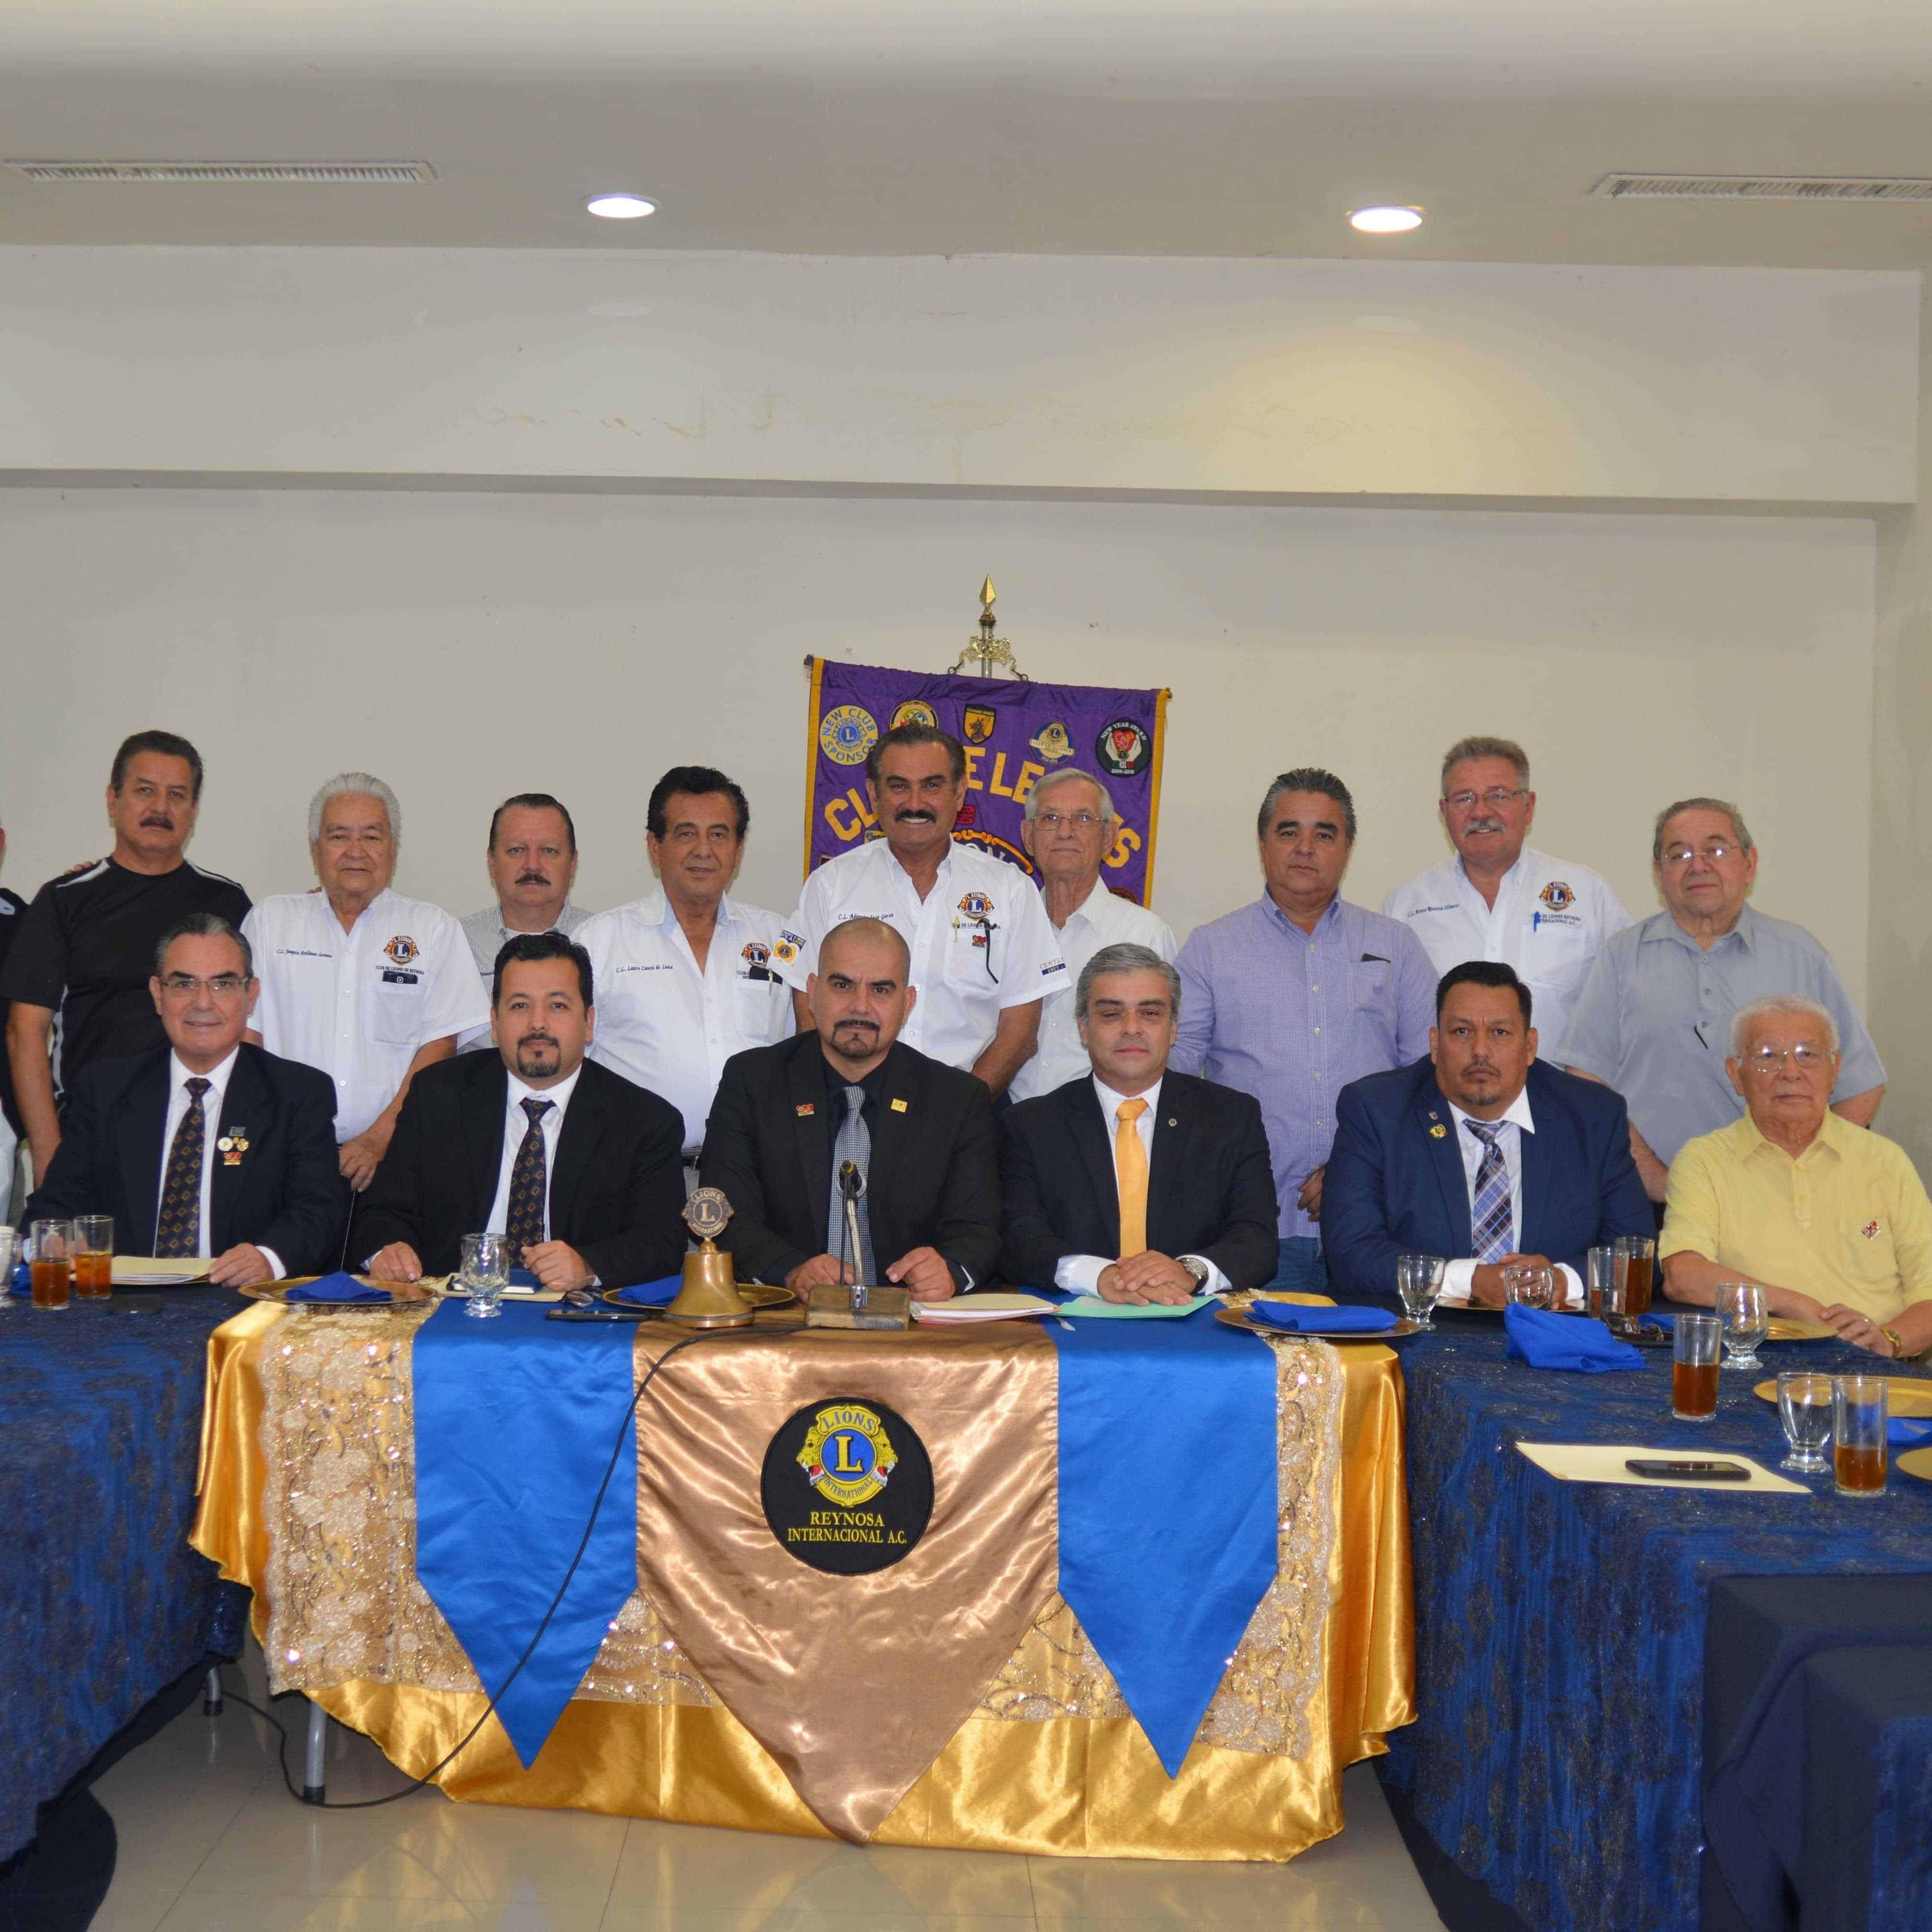 SOCIOS. Club de Leones de Reynosa Internacional A.C.